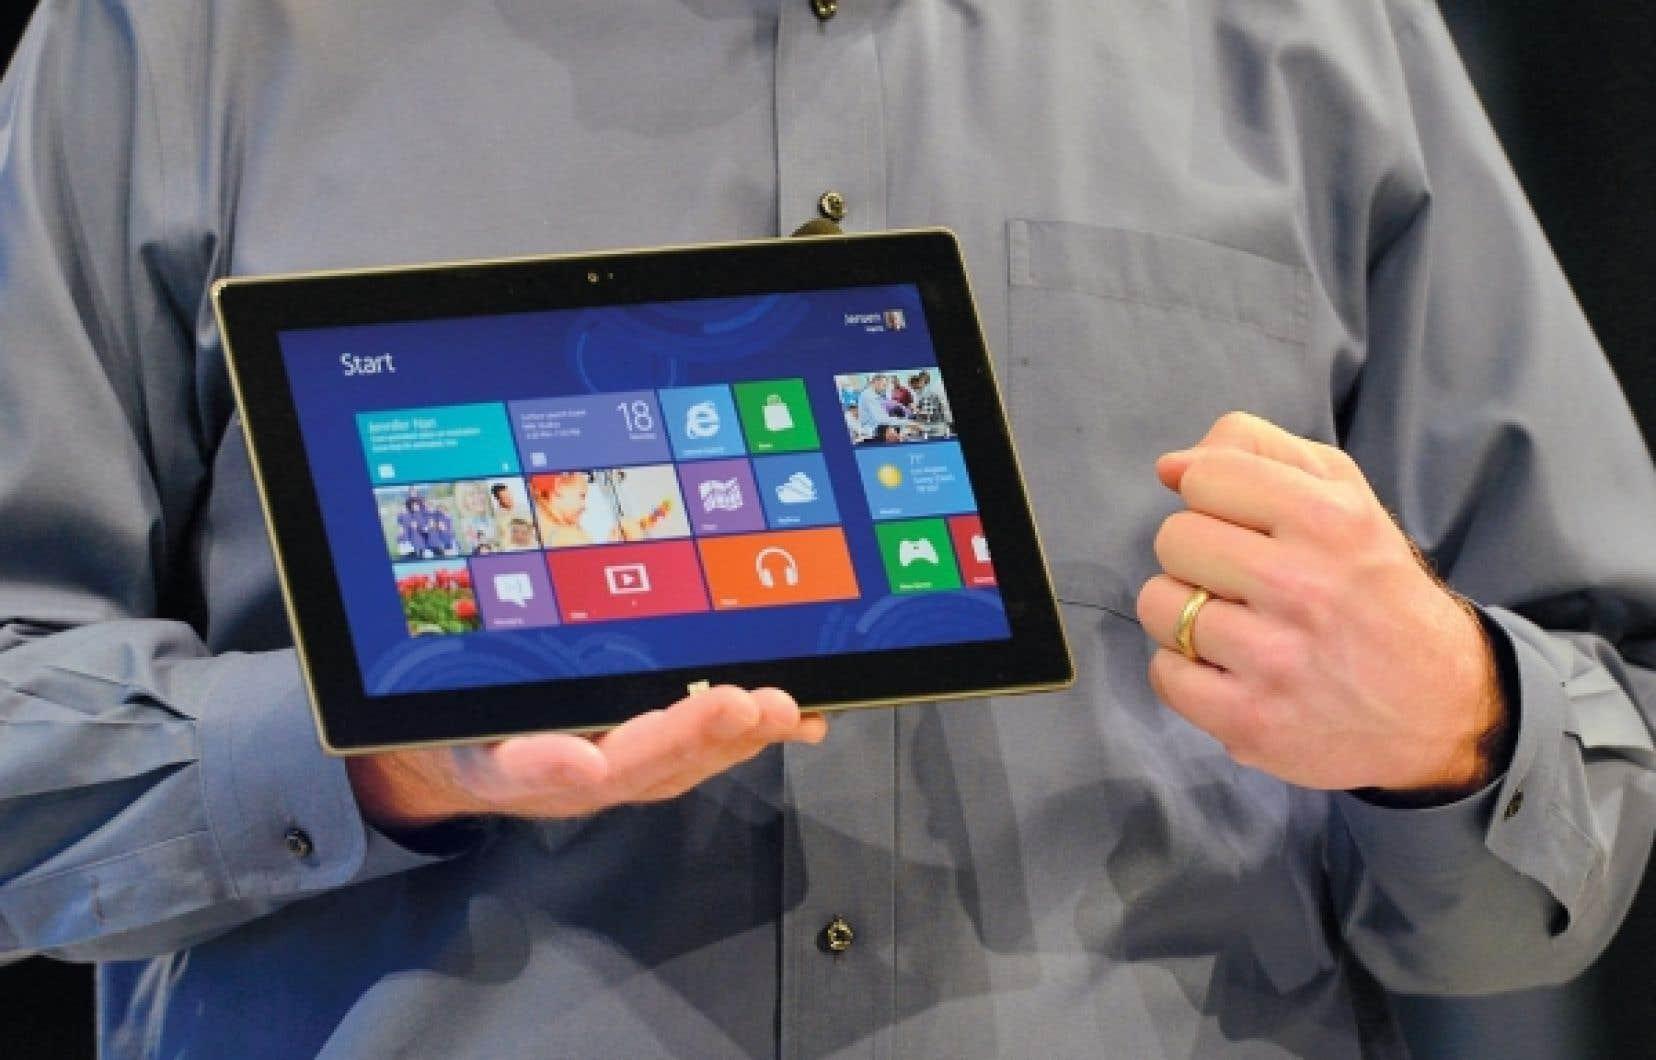 Le chef de la direction de Microsoft, Steve Ballmer, a décrit Surface comme une tablette « pour travailler et pour jouer ».